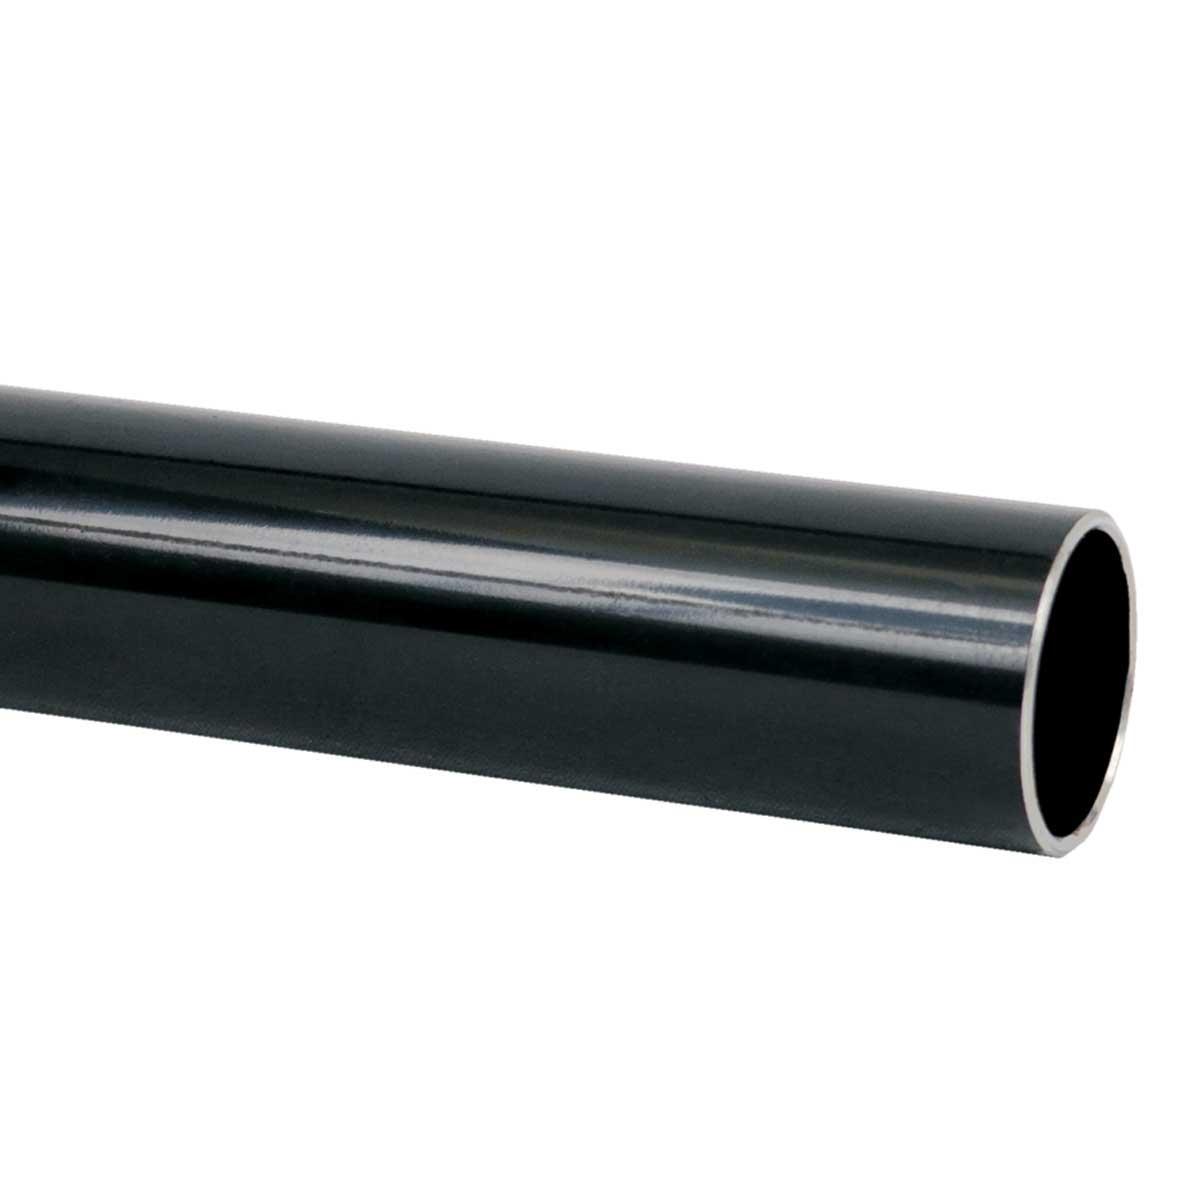 Труба металева (внутрішній d- 47,6 мм) ; безрізьбова;; сталь лакована шар цинку 60-100мкм стійкість корозії- 2 кат.; упаковка 15 шт